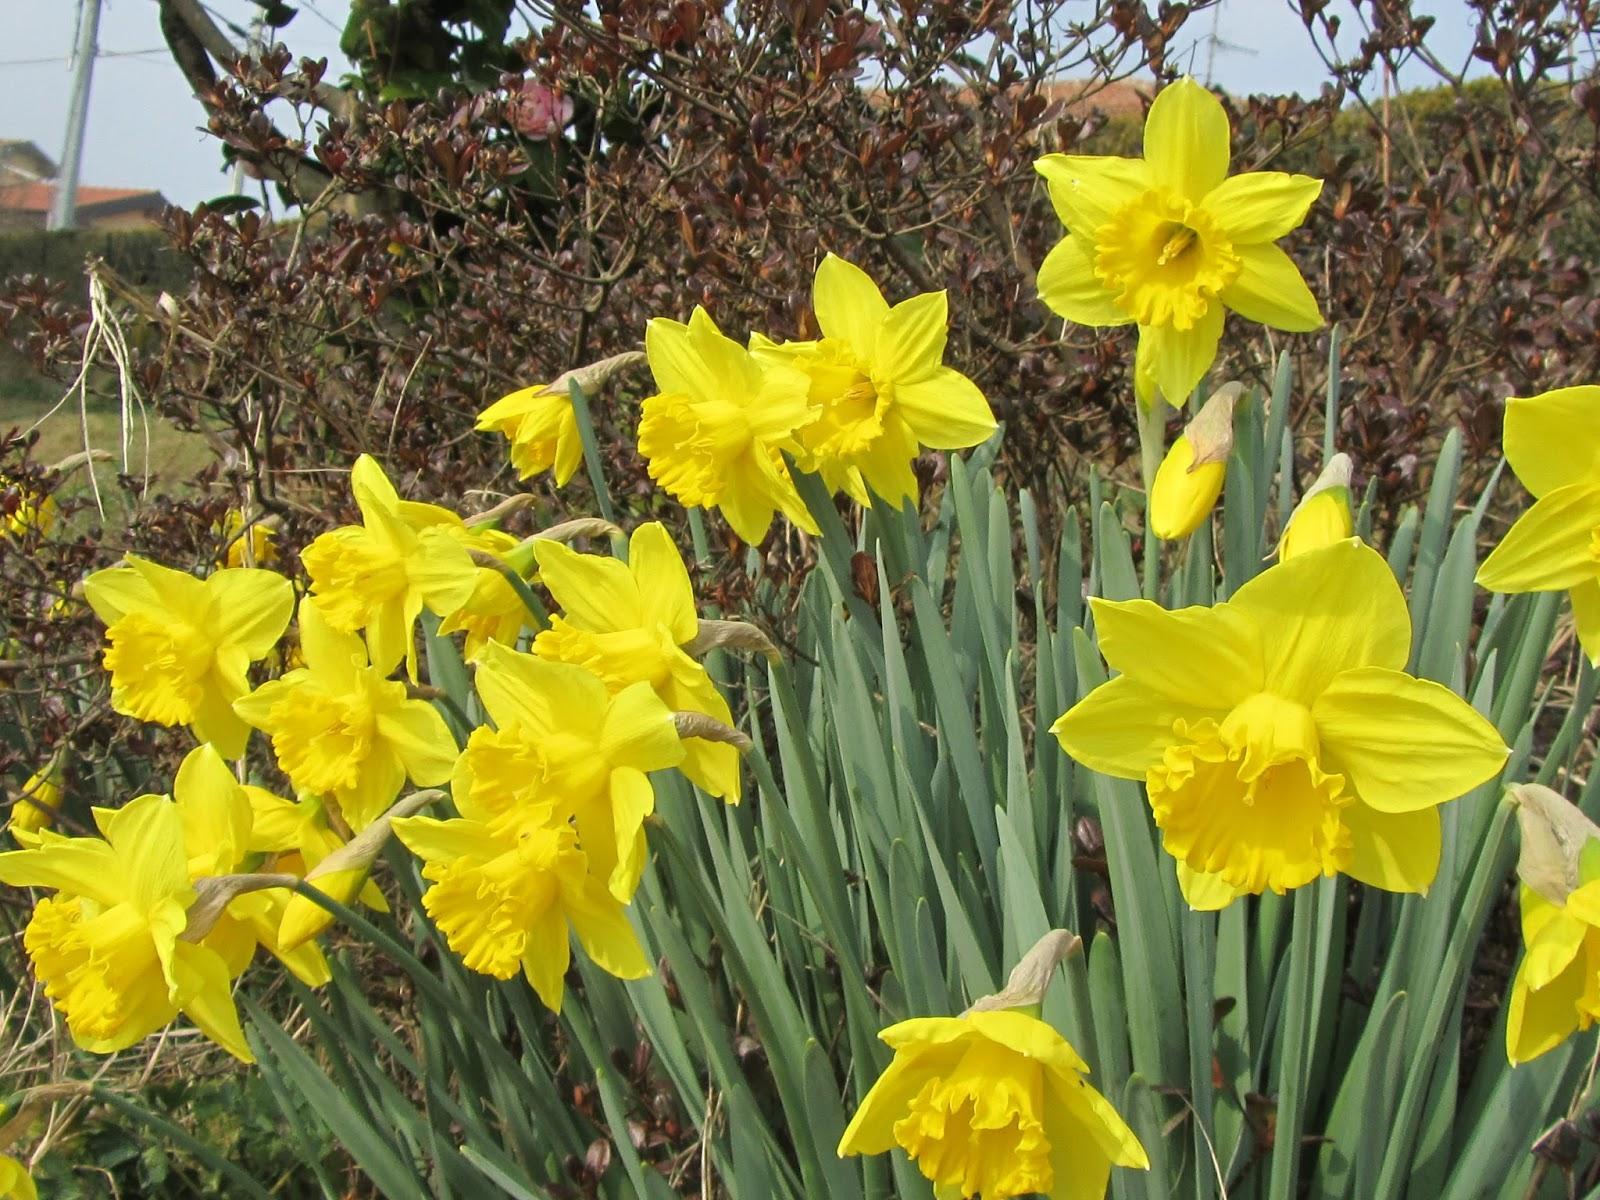 Narcissus narcisi e il risveglio della primavera come for Bulbi narcisi